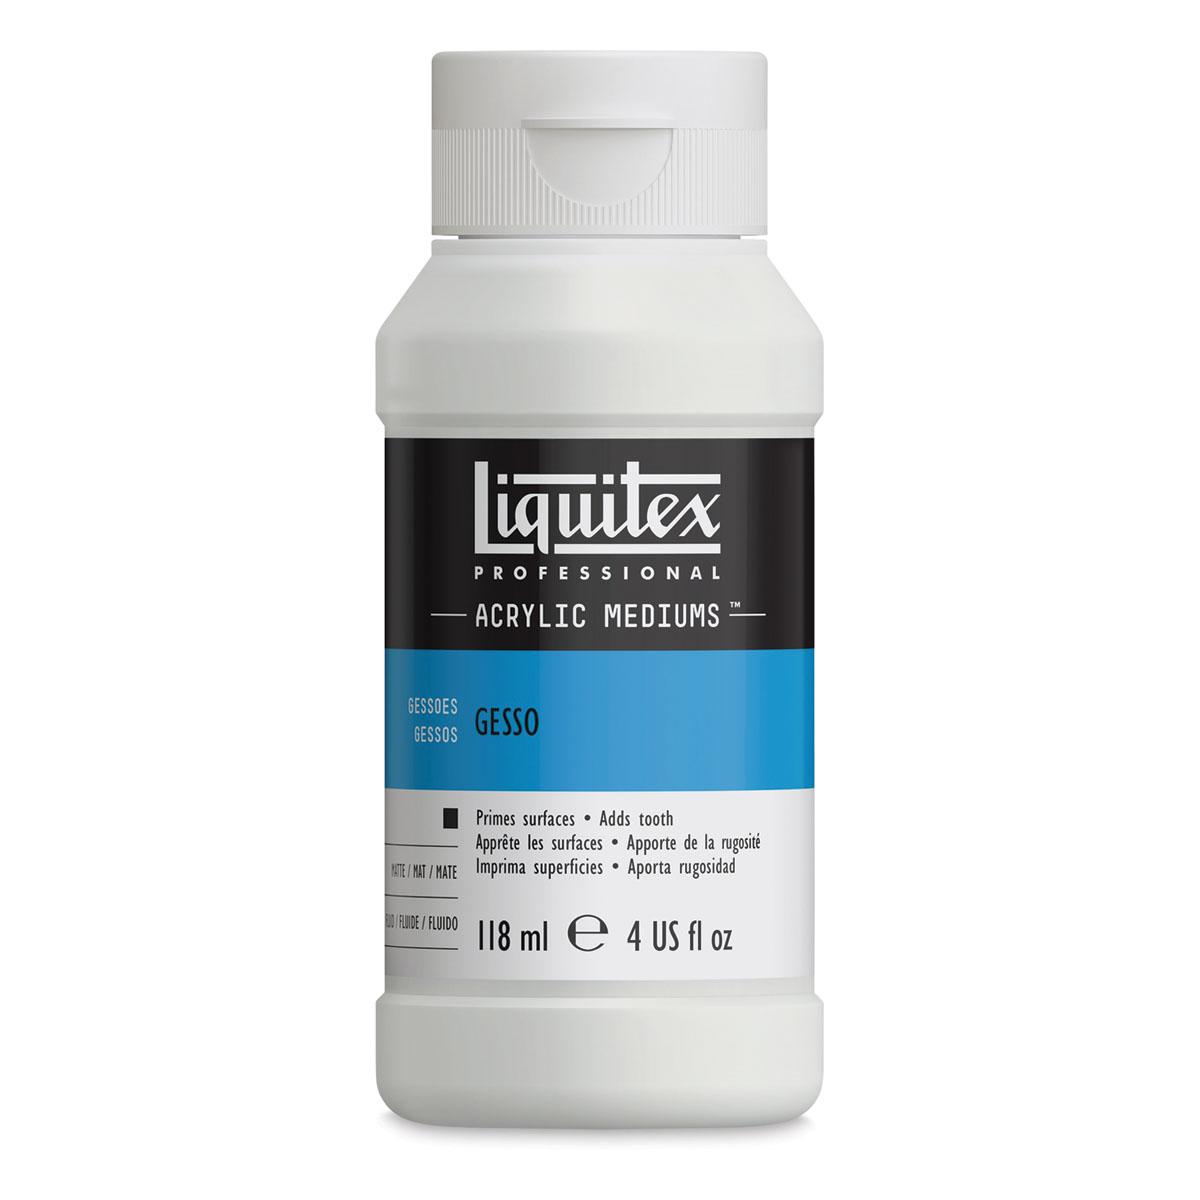 Liquitex Acrylic Gesso - White, 4 oz bottle